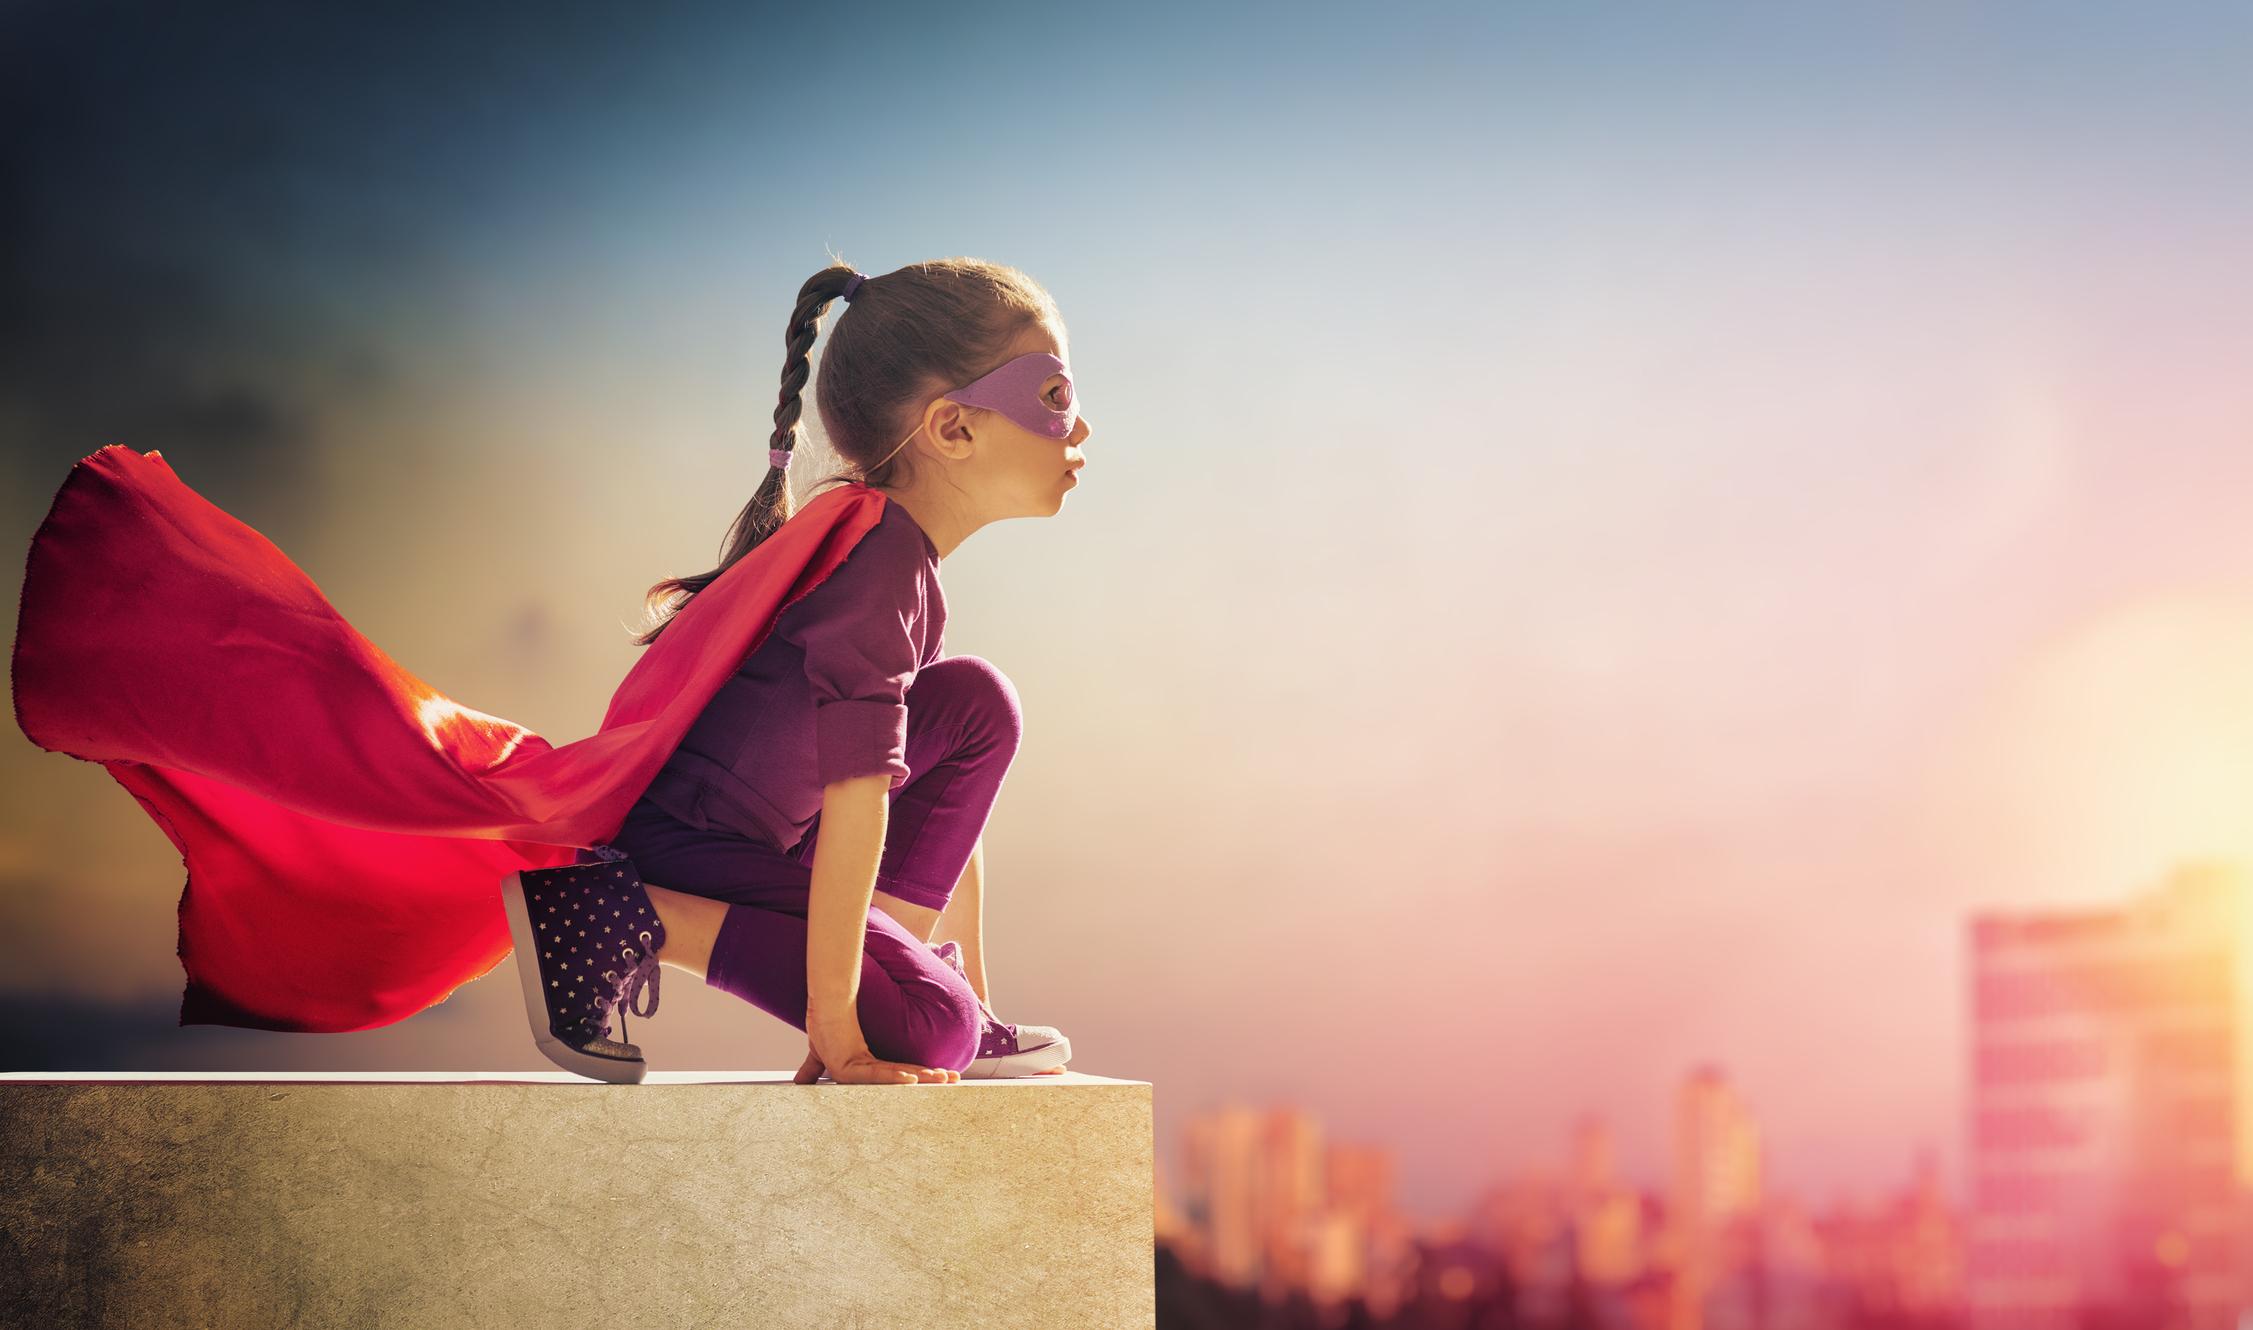 ung flicka utklädd till superhjälte